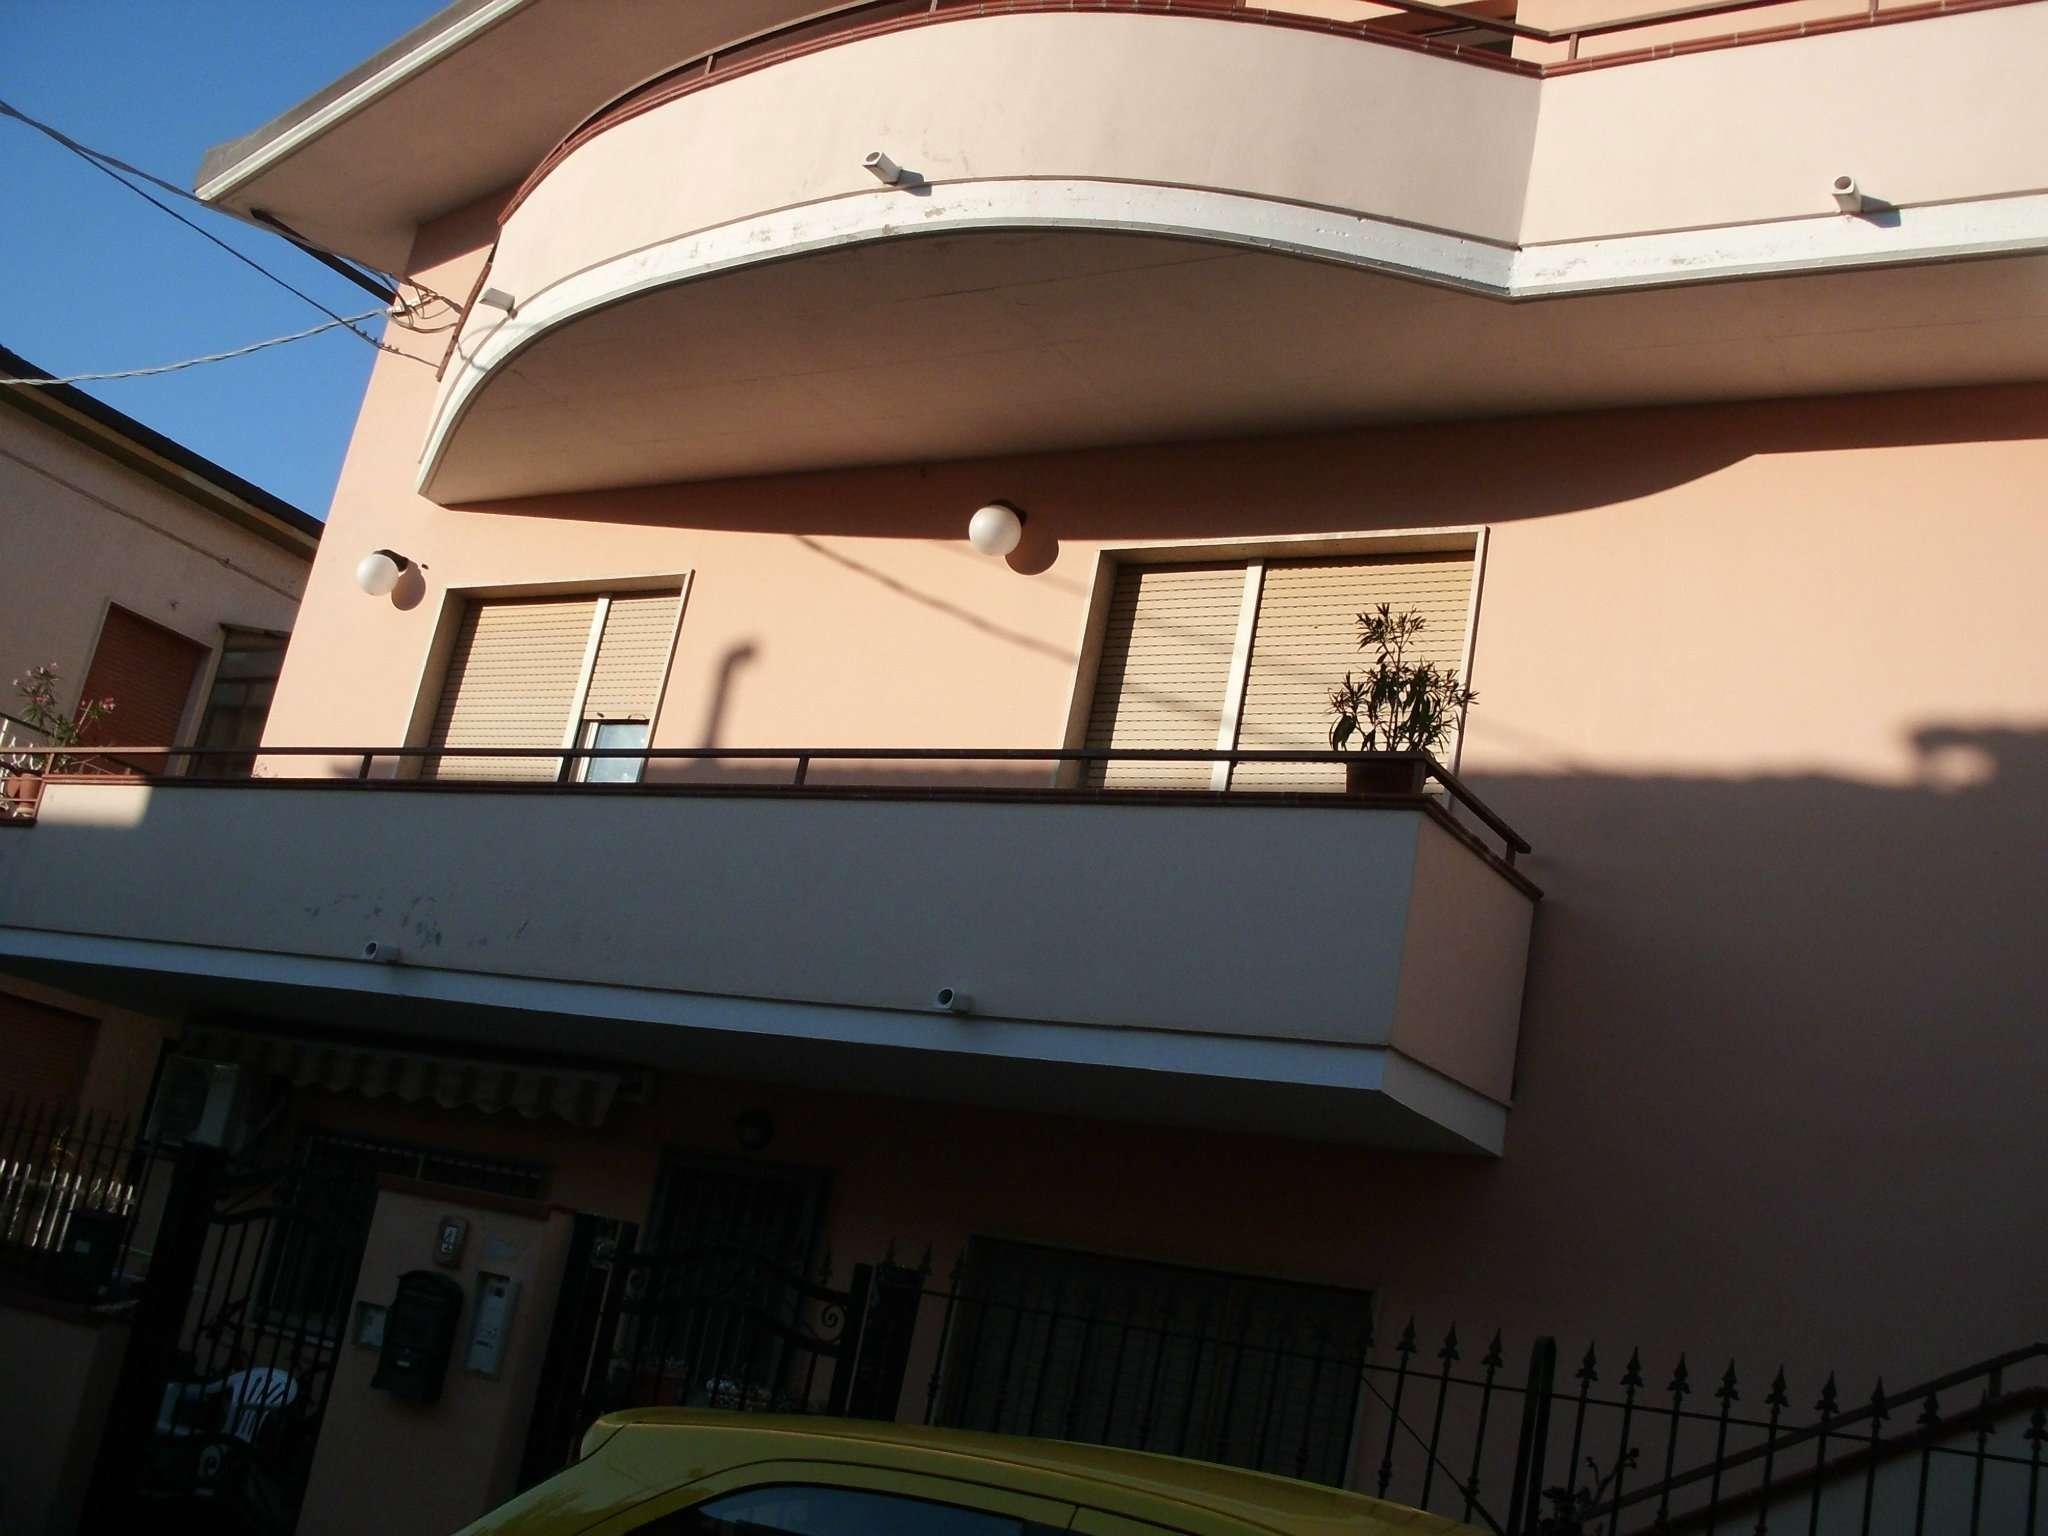 Attico / Mansarda in affitto a Montesilvano, 3 locali, prezzo € 350   CambioCasa.it